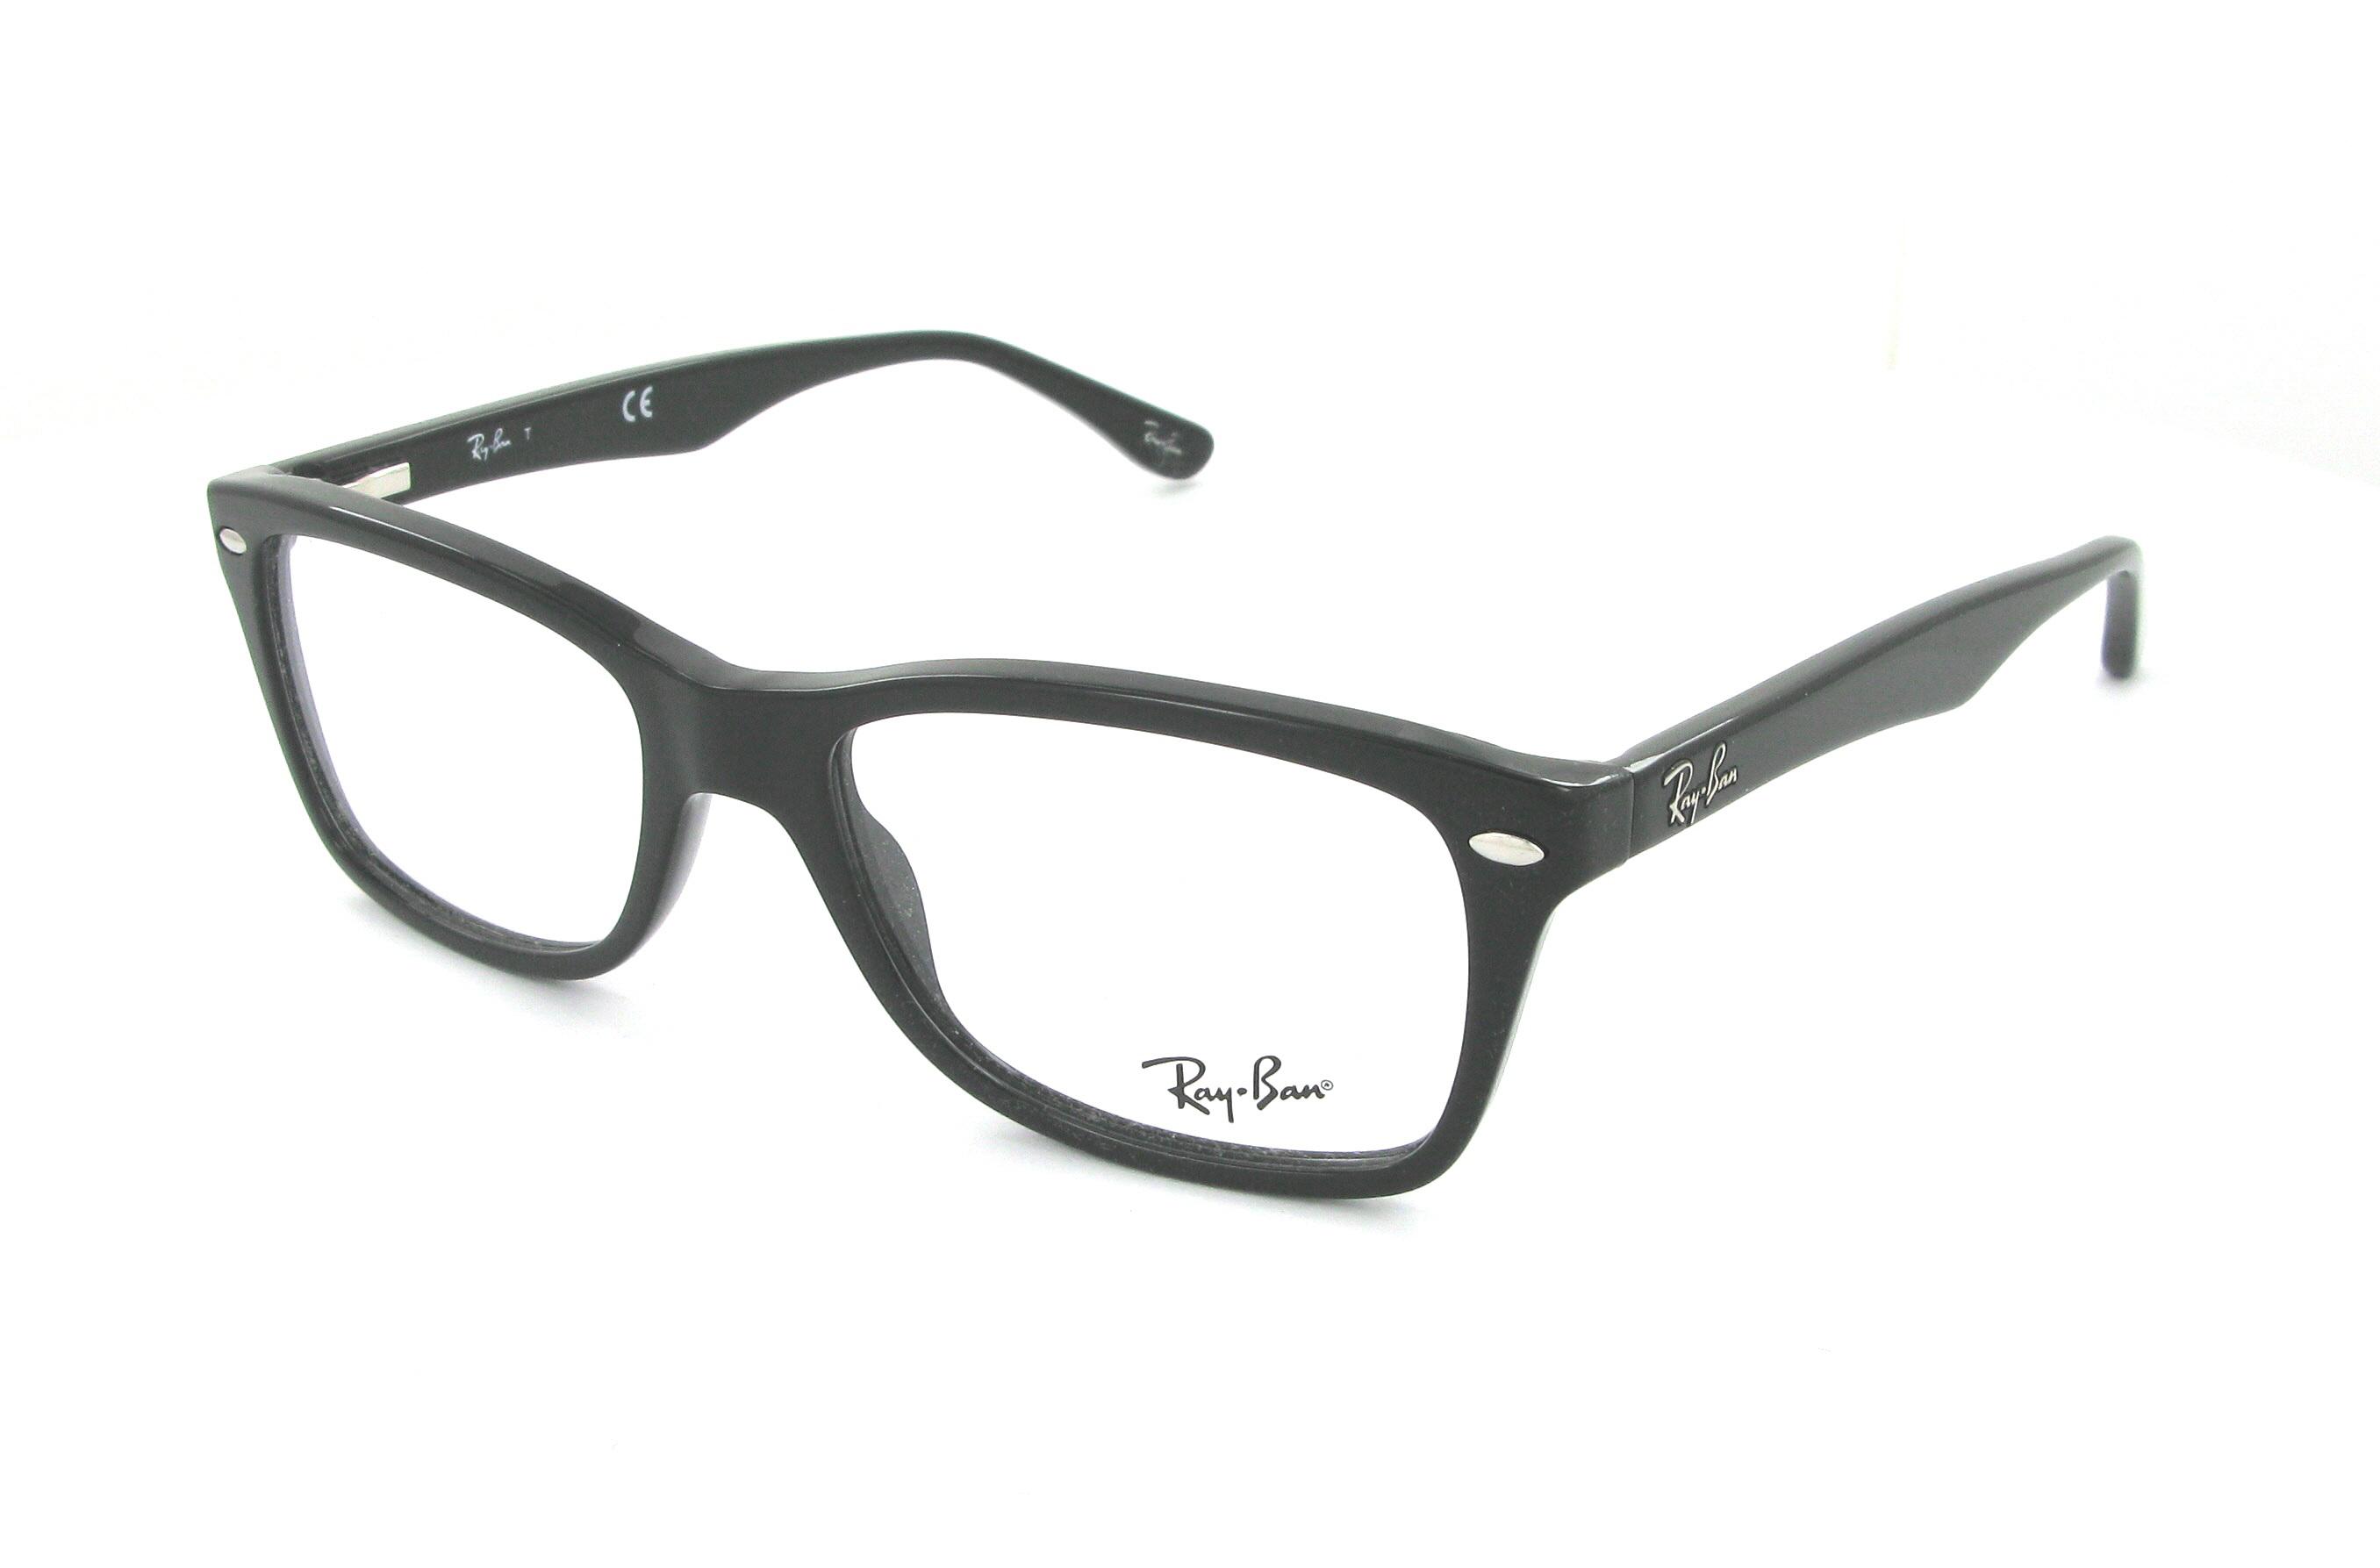 lunettes de vue quelles sont les tendances actuelles. Black Bedroom Furniture Sets. Home Design Ideas